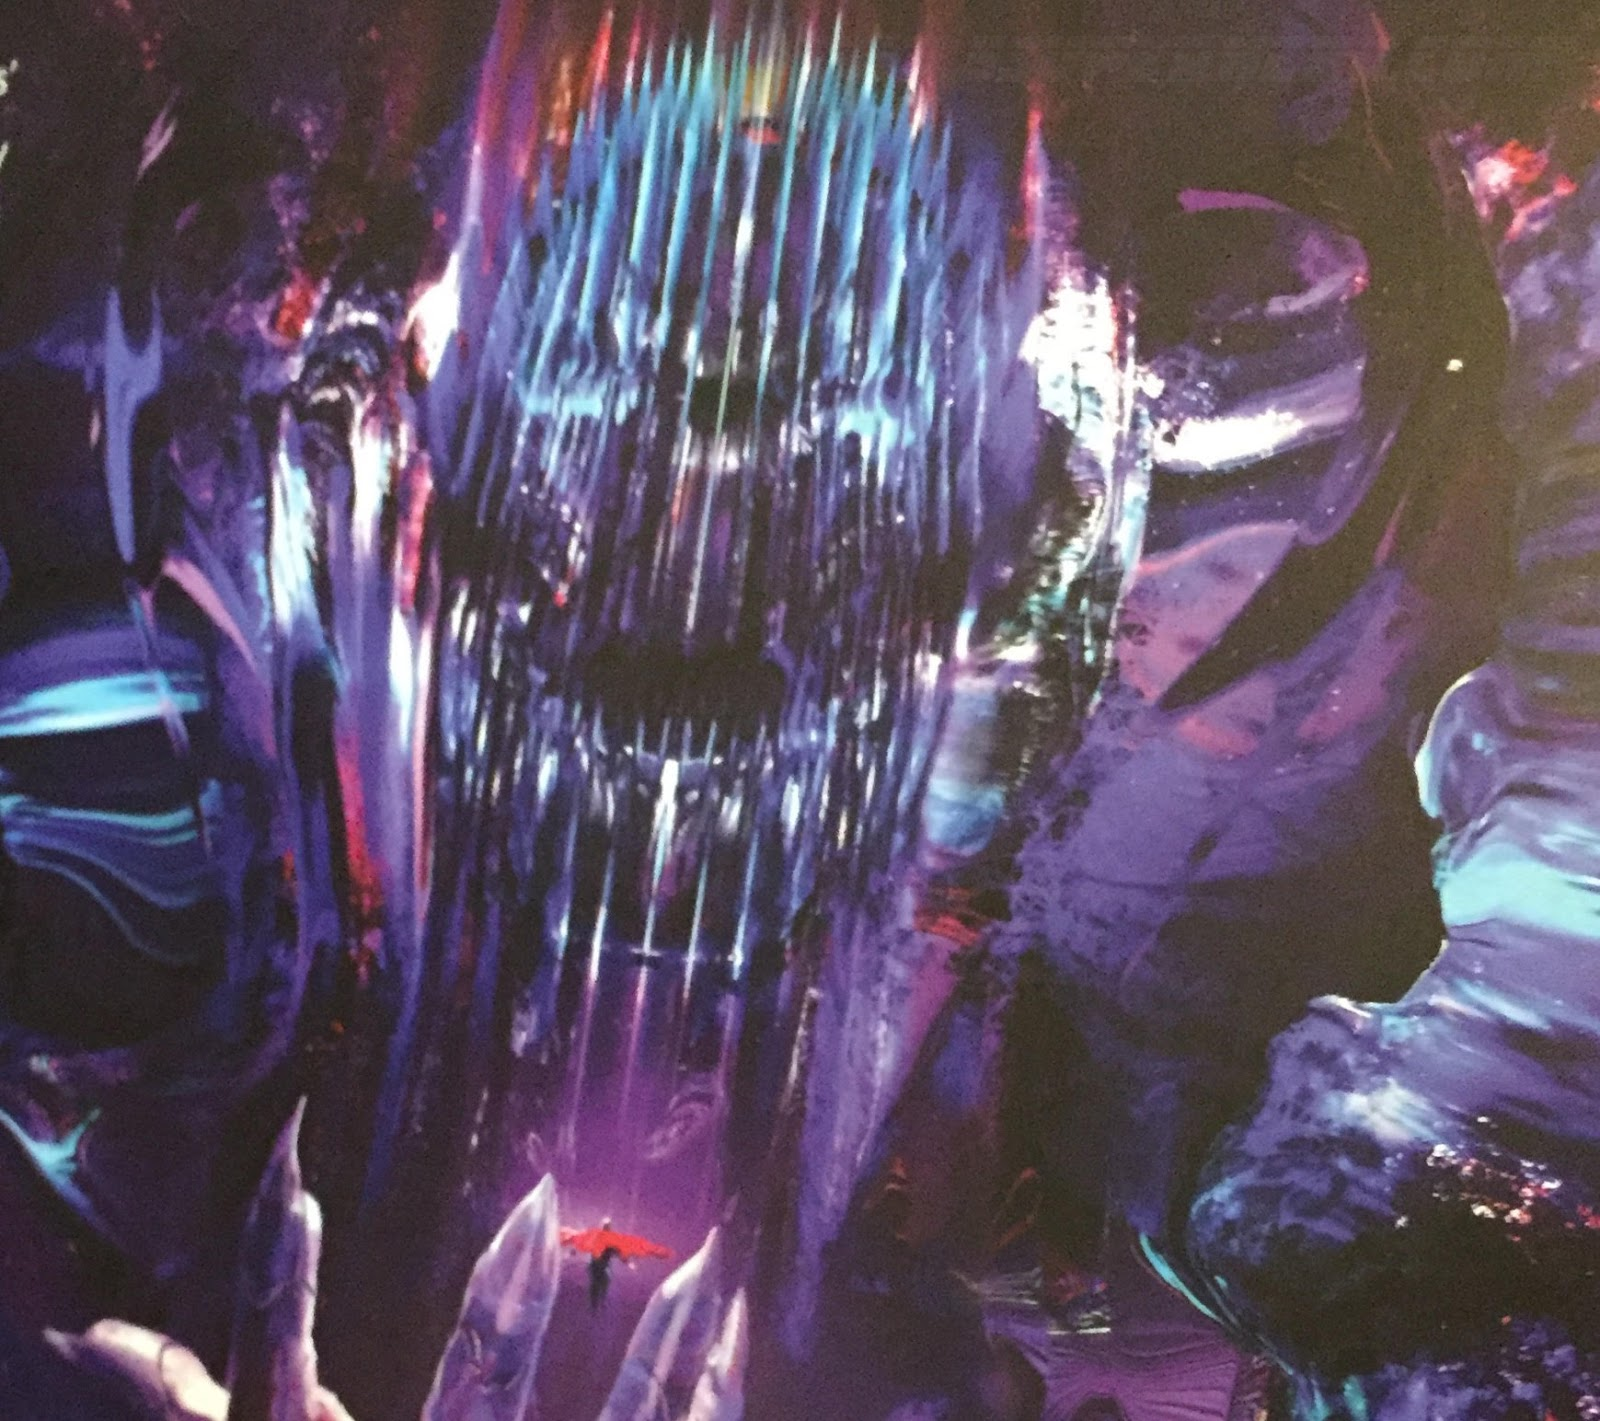 Trùm cuối trong Doctor Strange đã có thể ngầu và đáng sợ hơn nhiều - ảnh 2